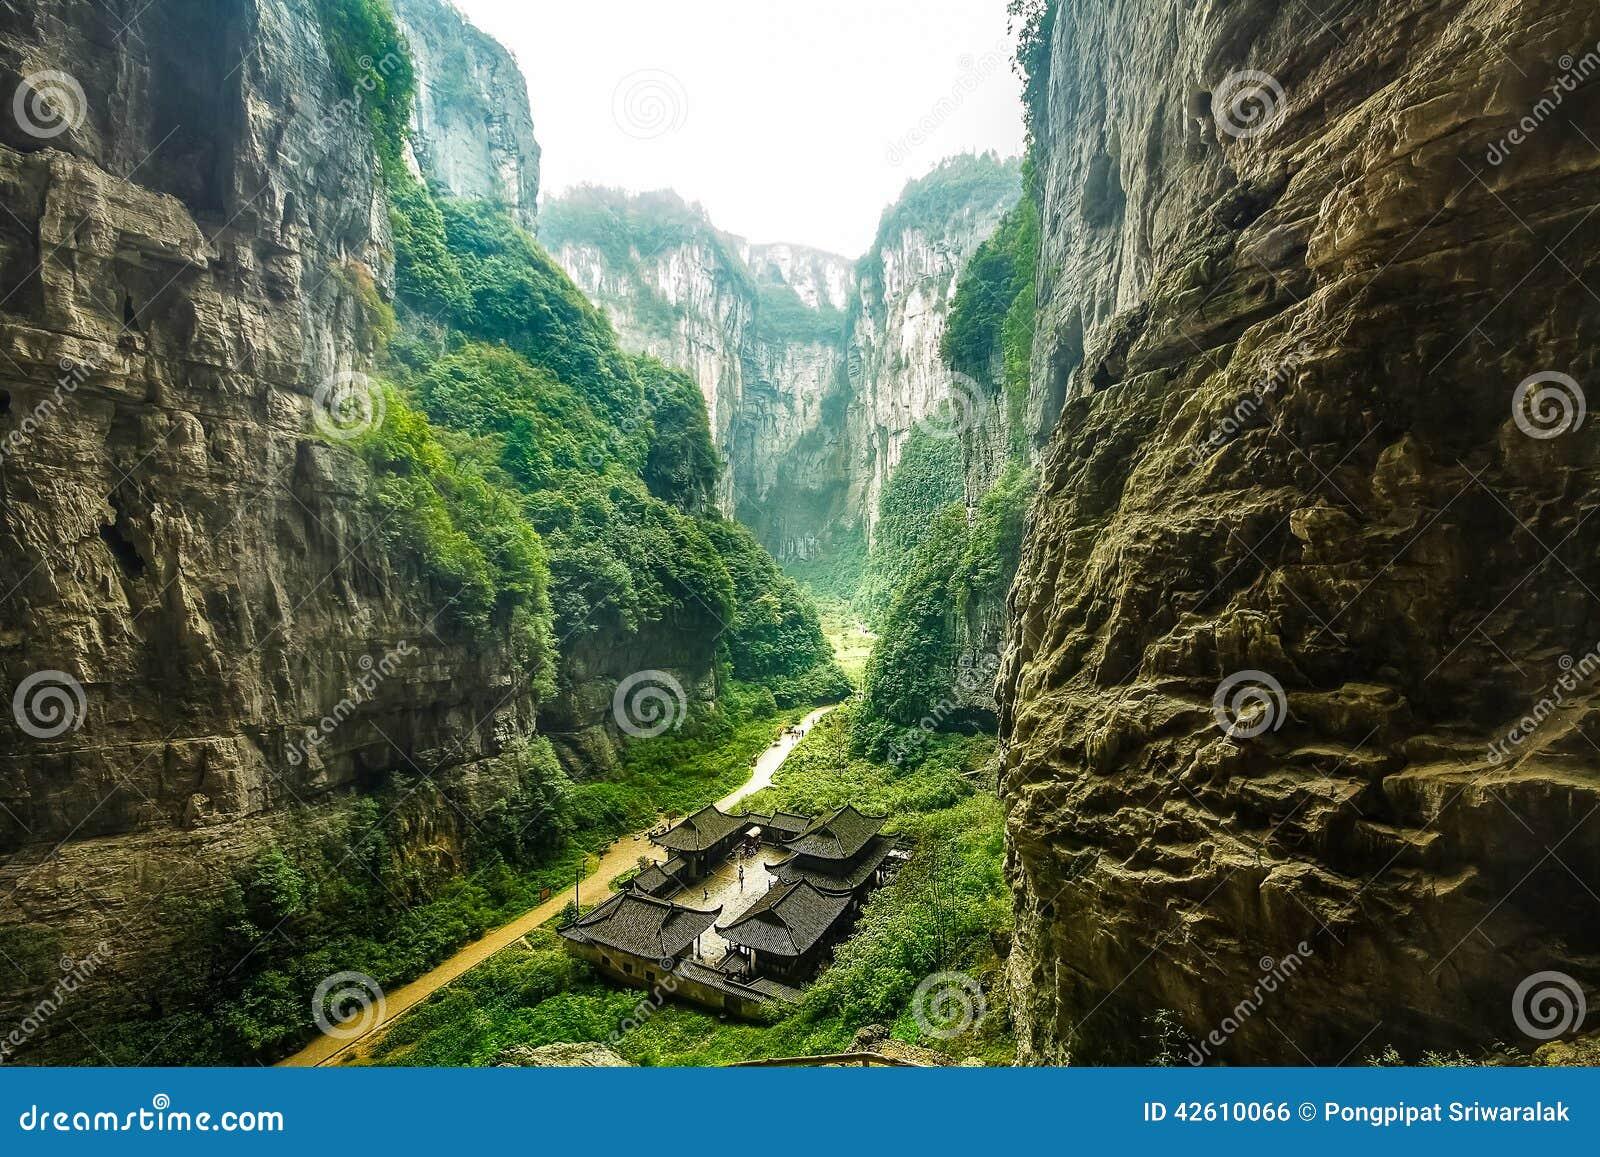 乌龙国家公园,重庆,中国